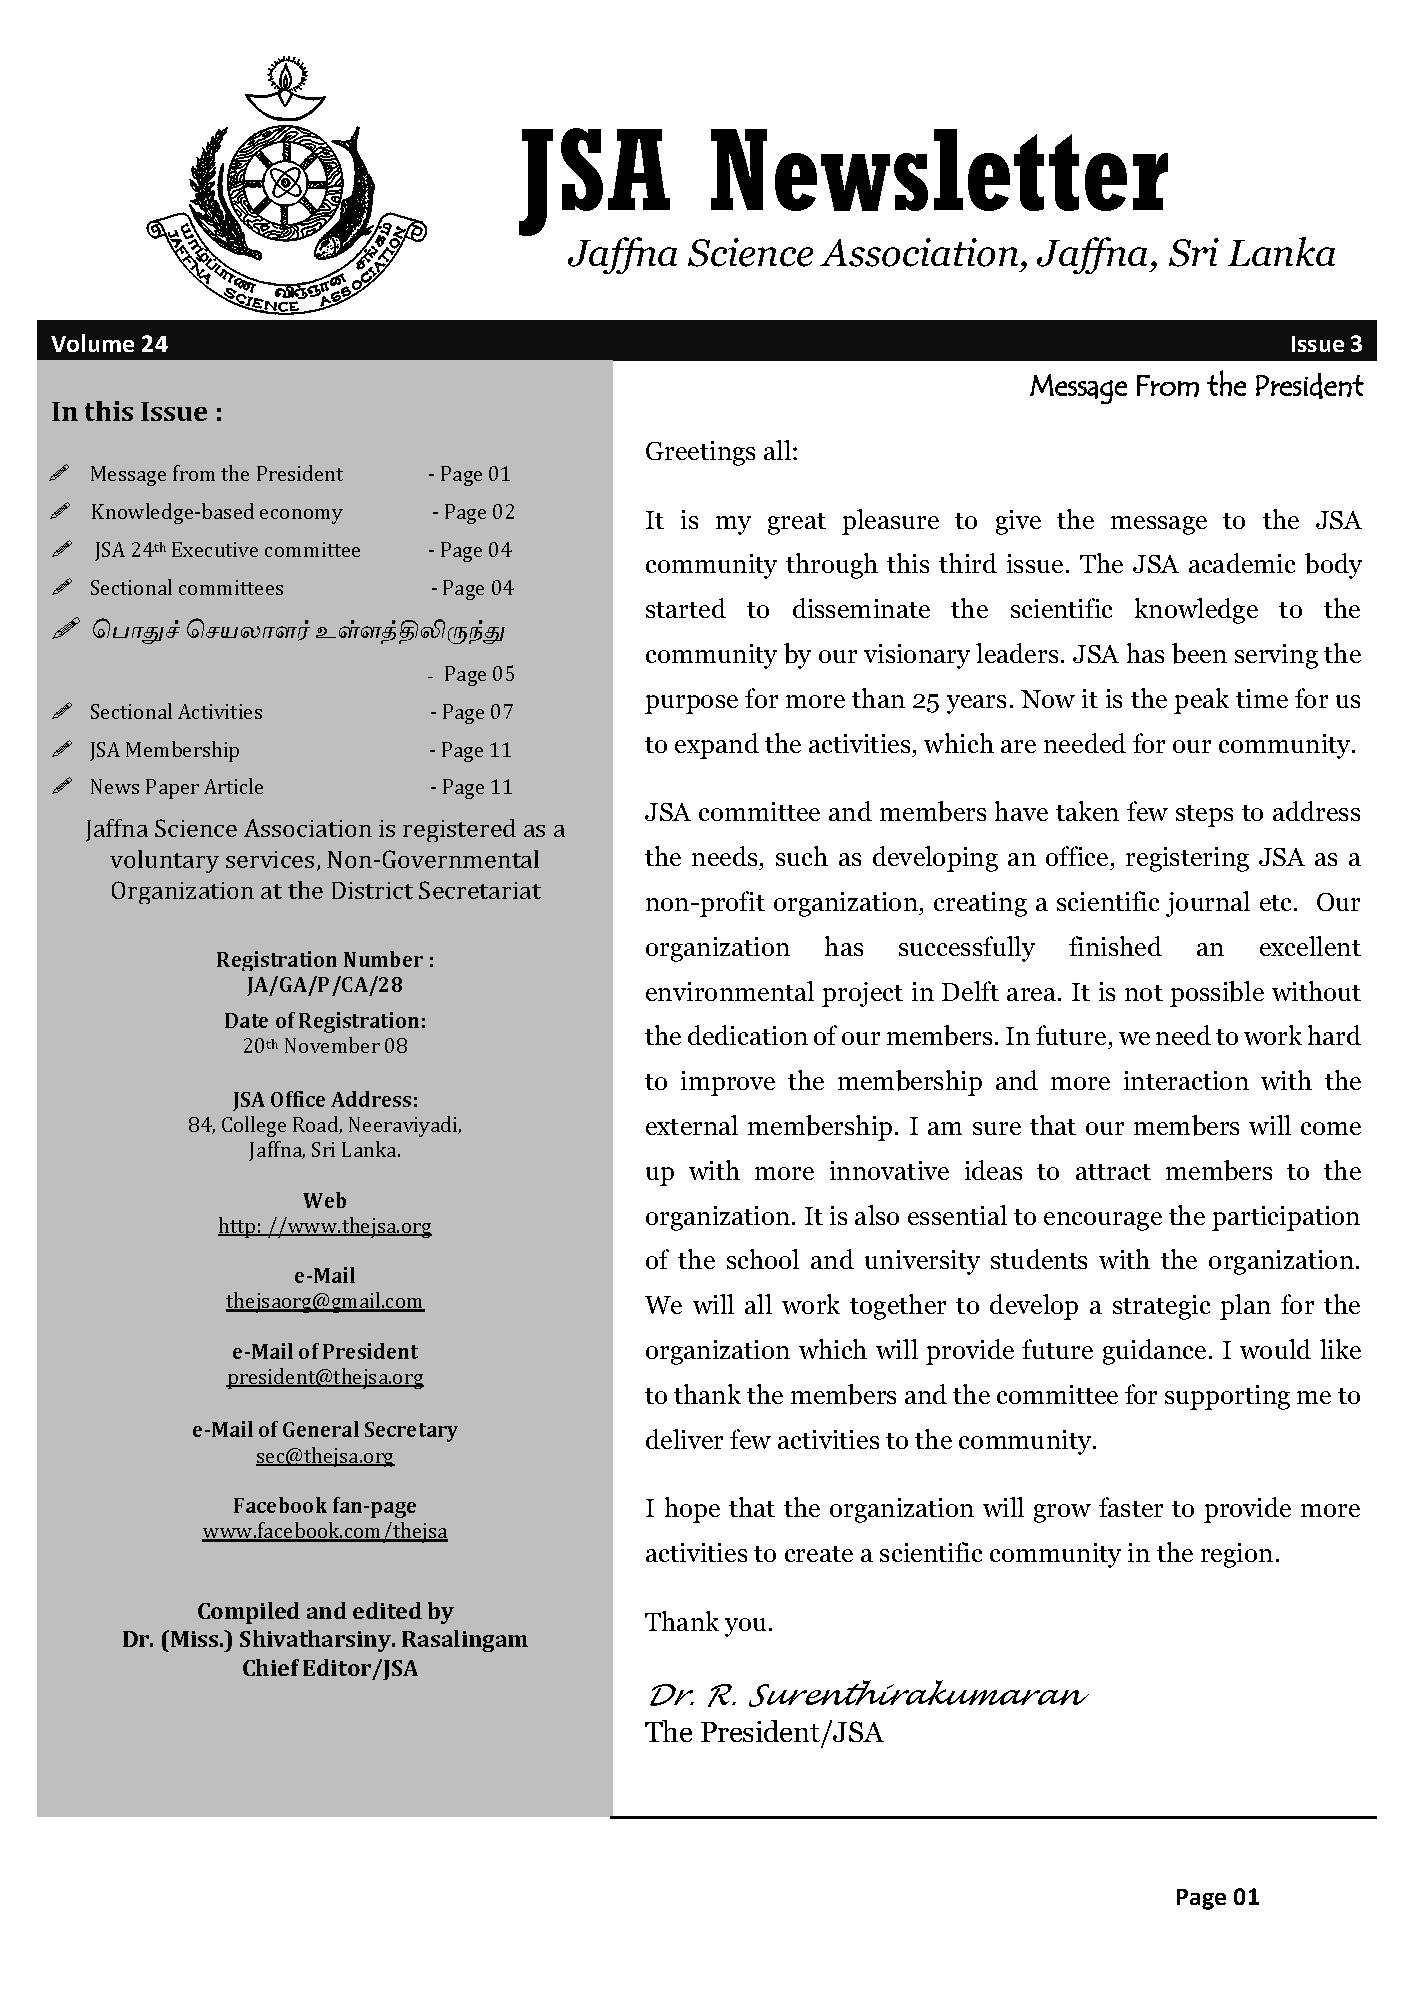 JSA Newsletter-Volume 24-Issue 3-2017